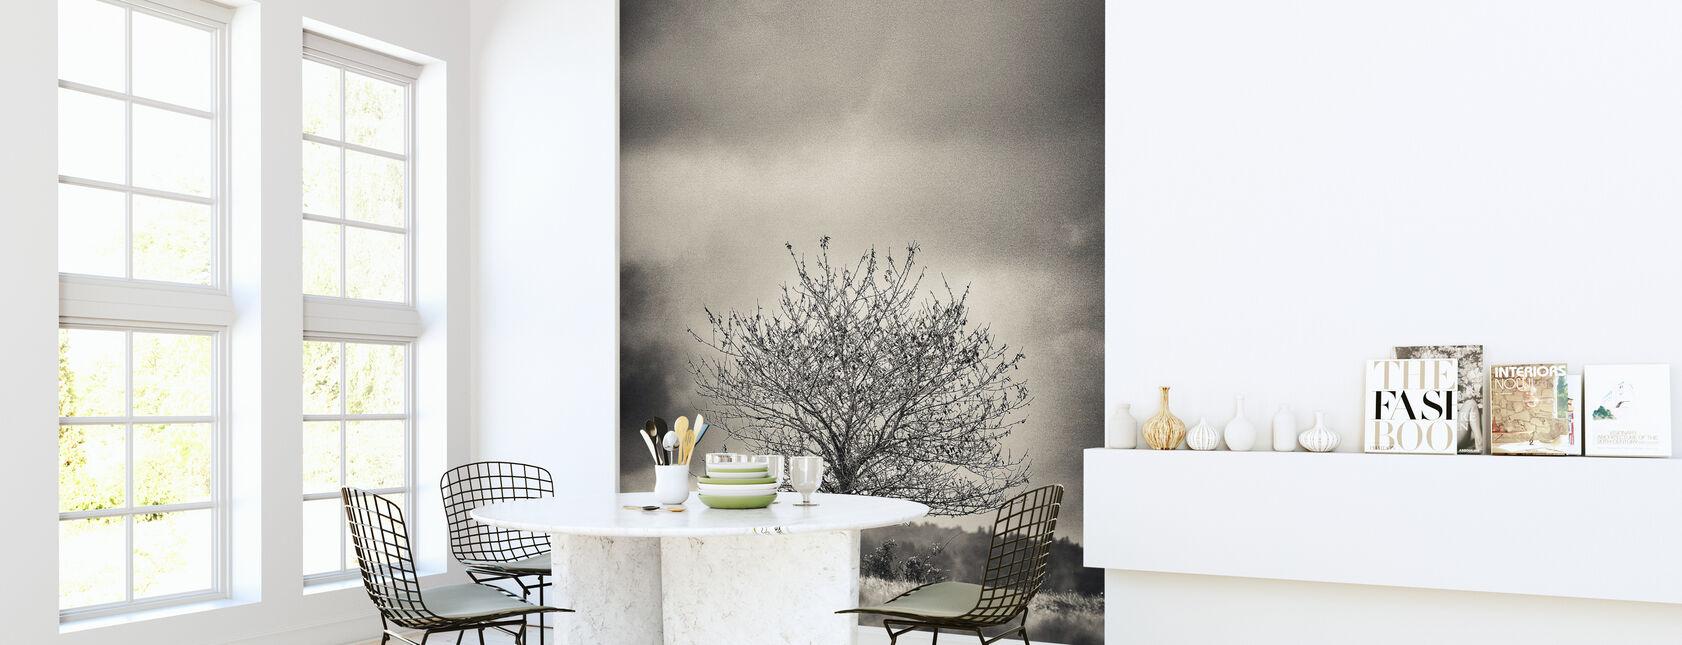 Træ i Halland - Sverige - Tapet - Køkken